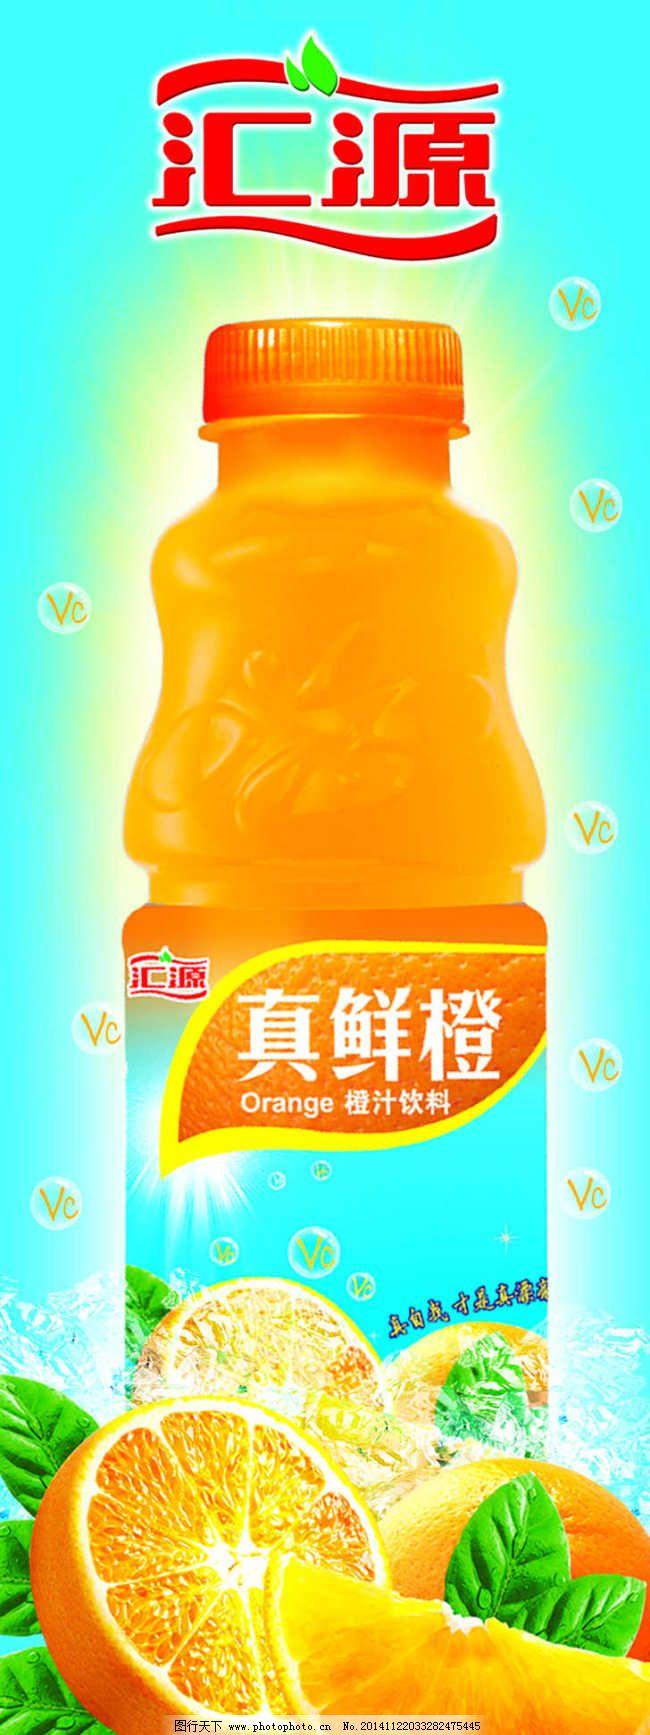 汇源果汁官网_汇源果汁设计图稿